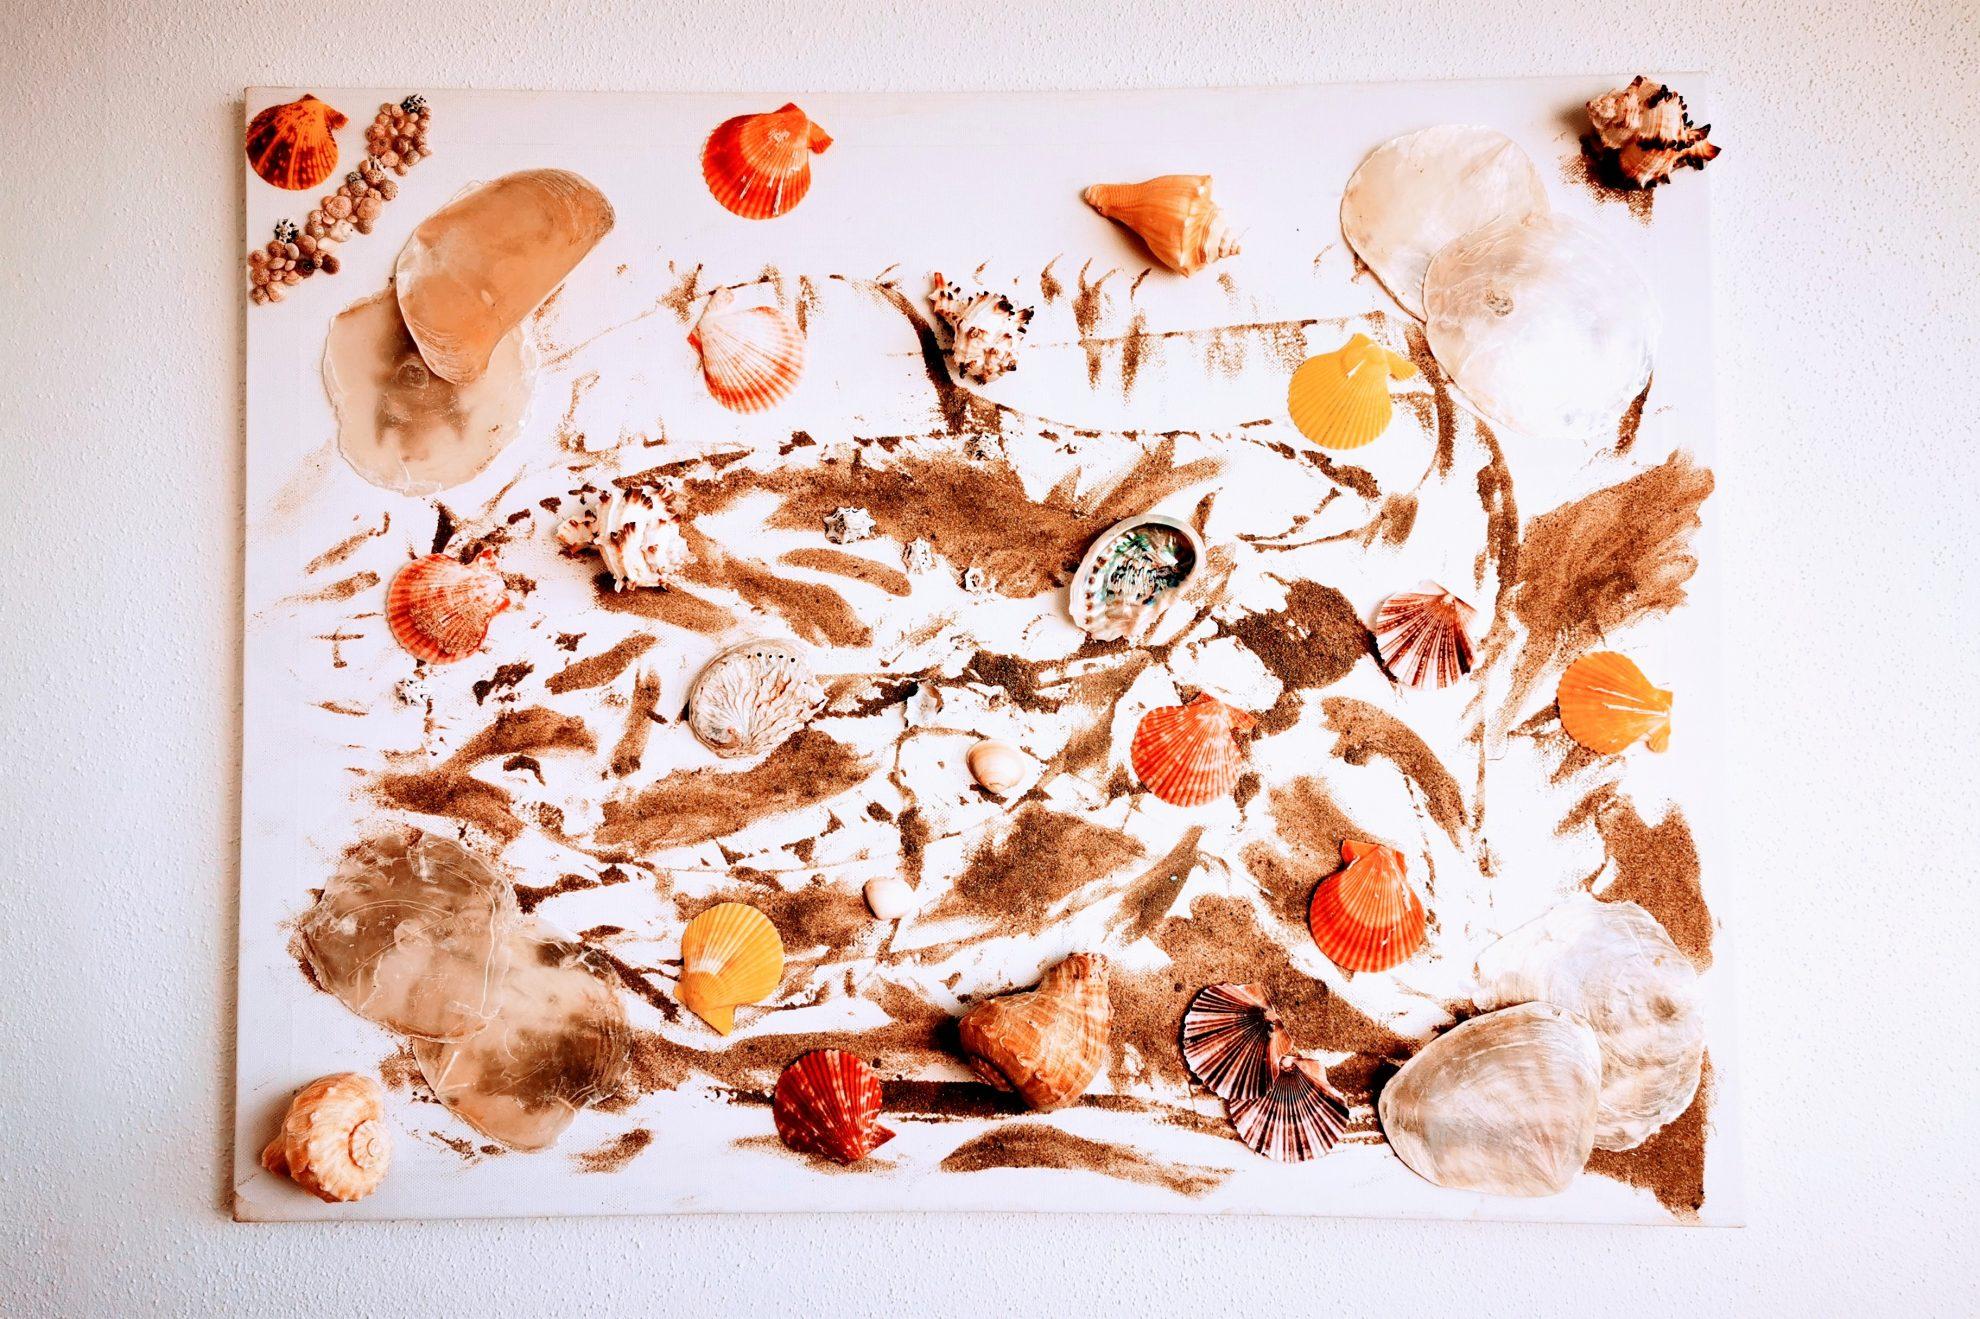 So einfach kannst du ein Strandbild basteln mit den letzten Mitbringseln deines Urlaubs. Ein tolles und leichtes DIY gegen Fernweh. #sand #strand #muscheln #basteln #urlaub #kinder #bastelnmitkindern #mamablogger_de